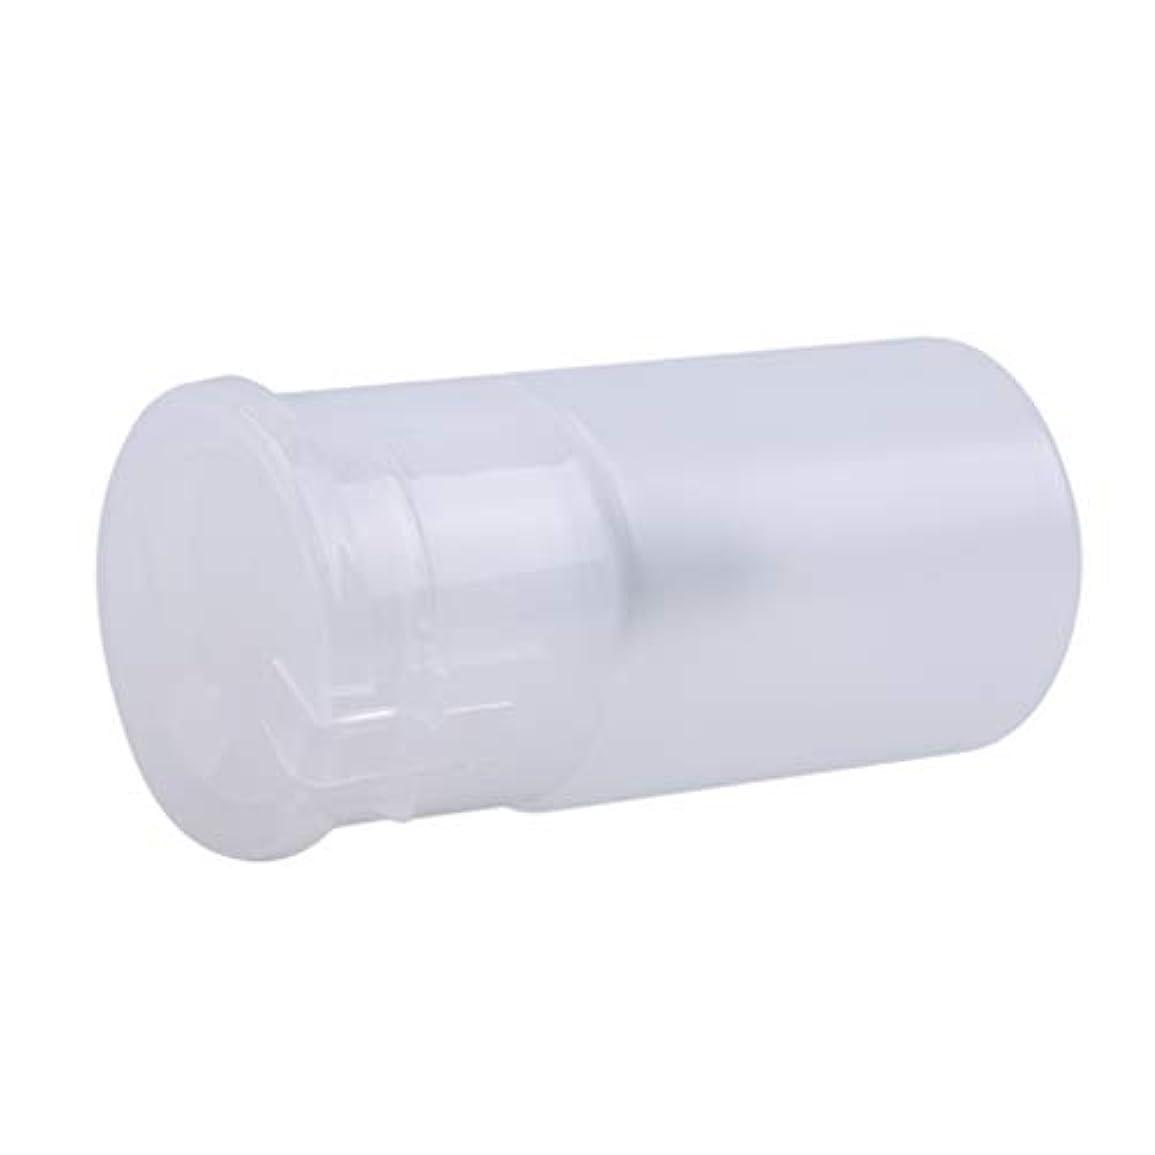 複雑でない気づくなる十分ではないHKUN 空のボトル ネイルアートツール メイク落とし 化粧水など 小分けボトル 詰替え容器 60ML 透明